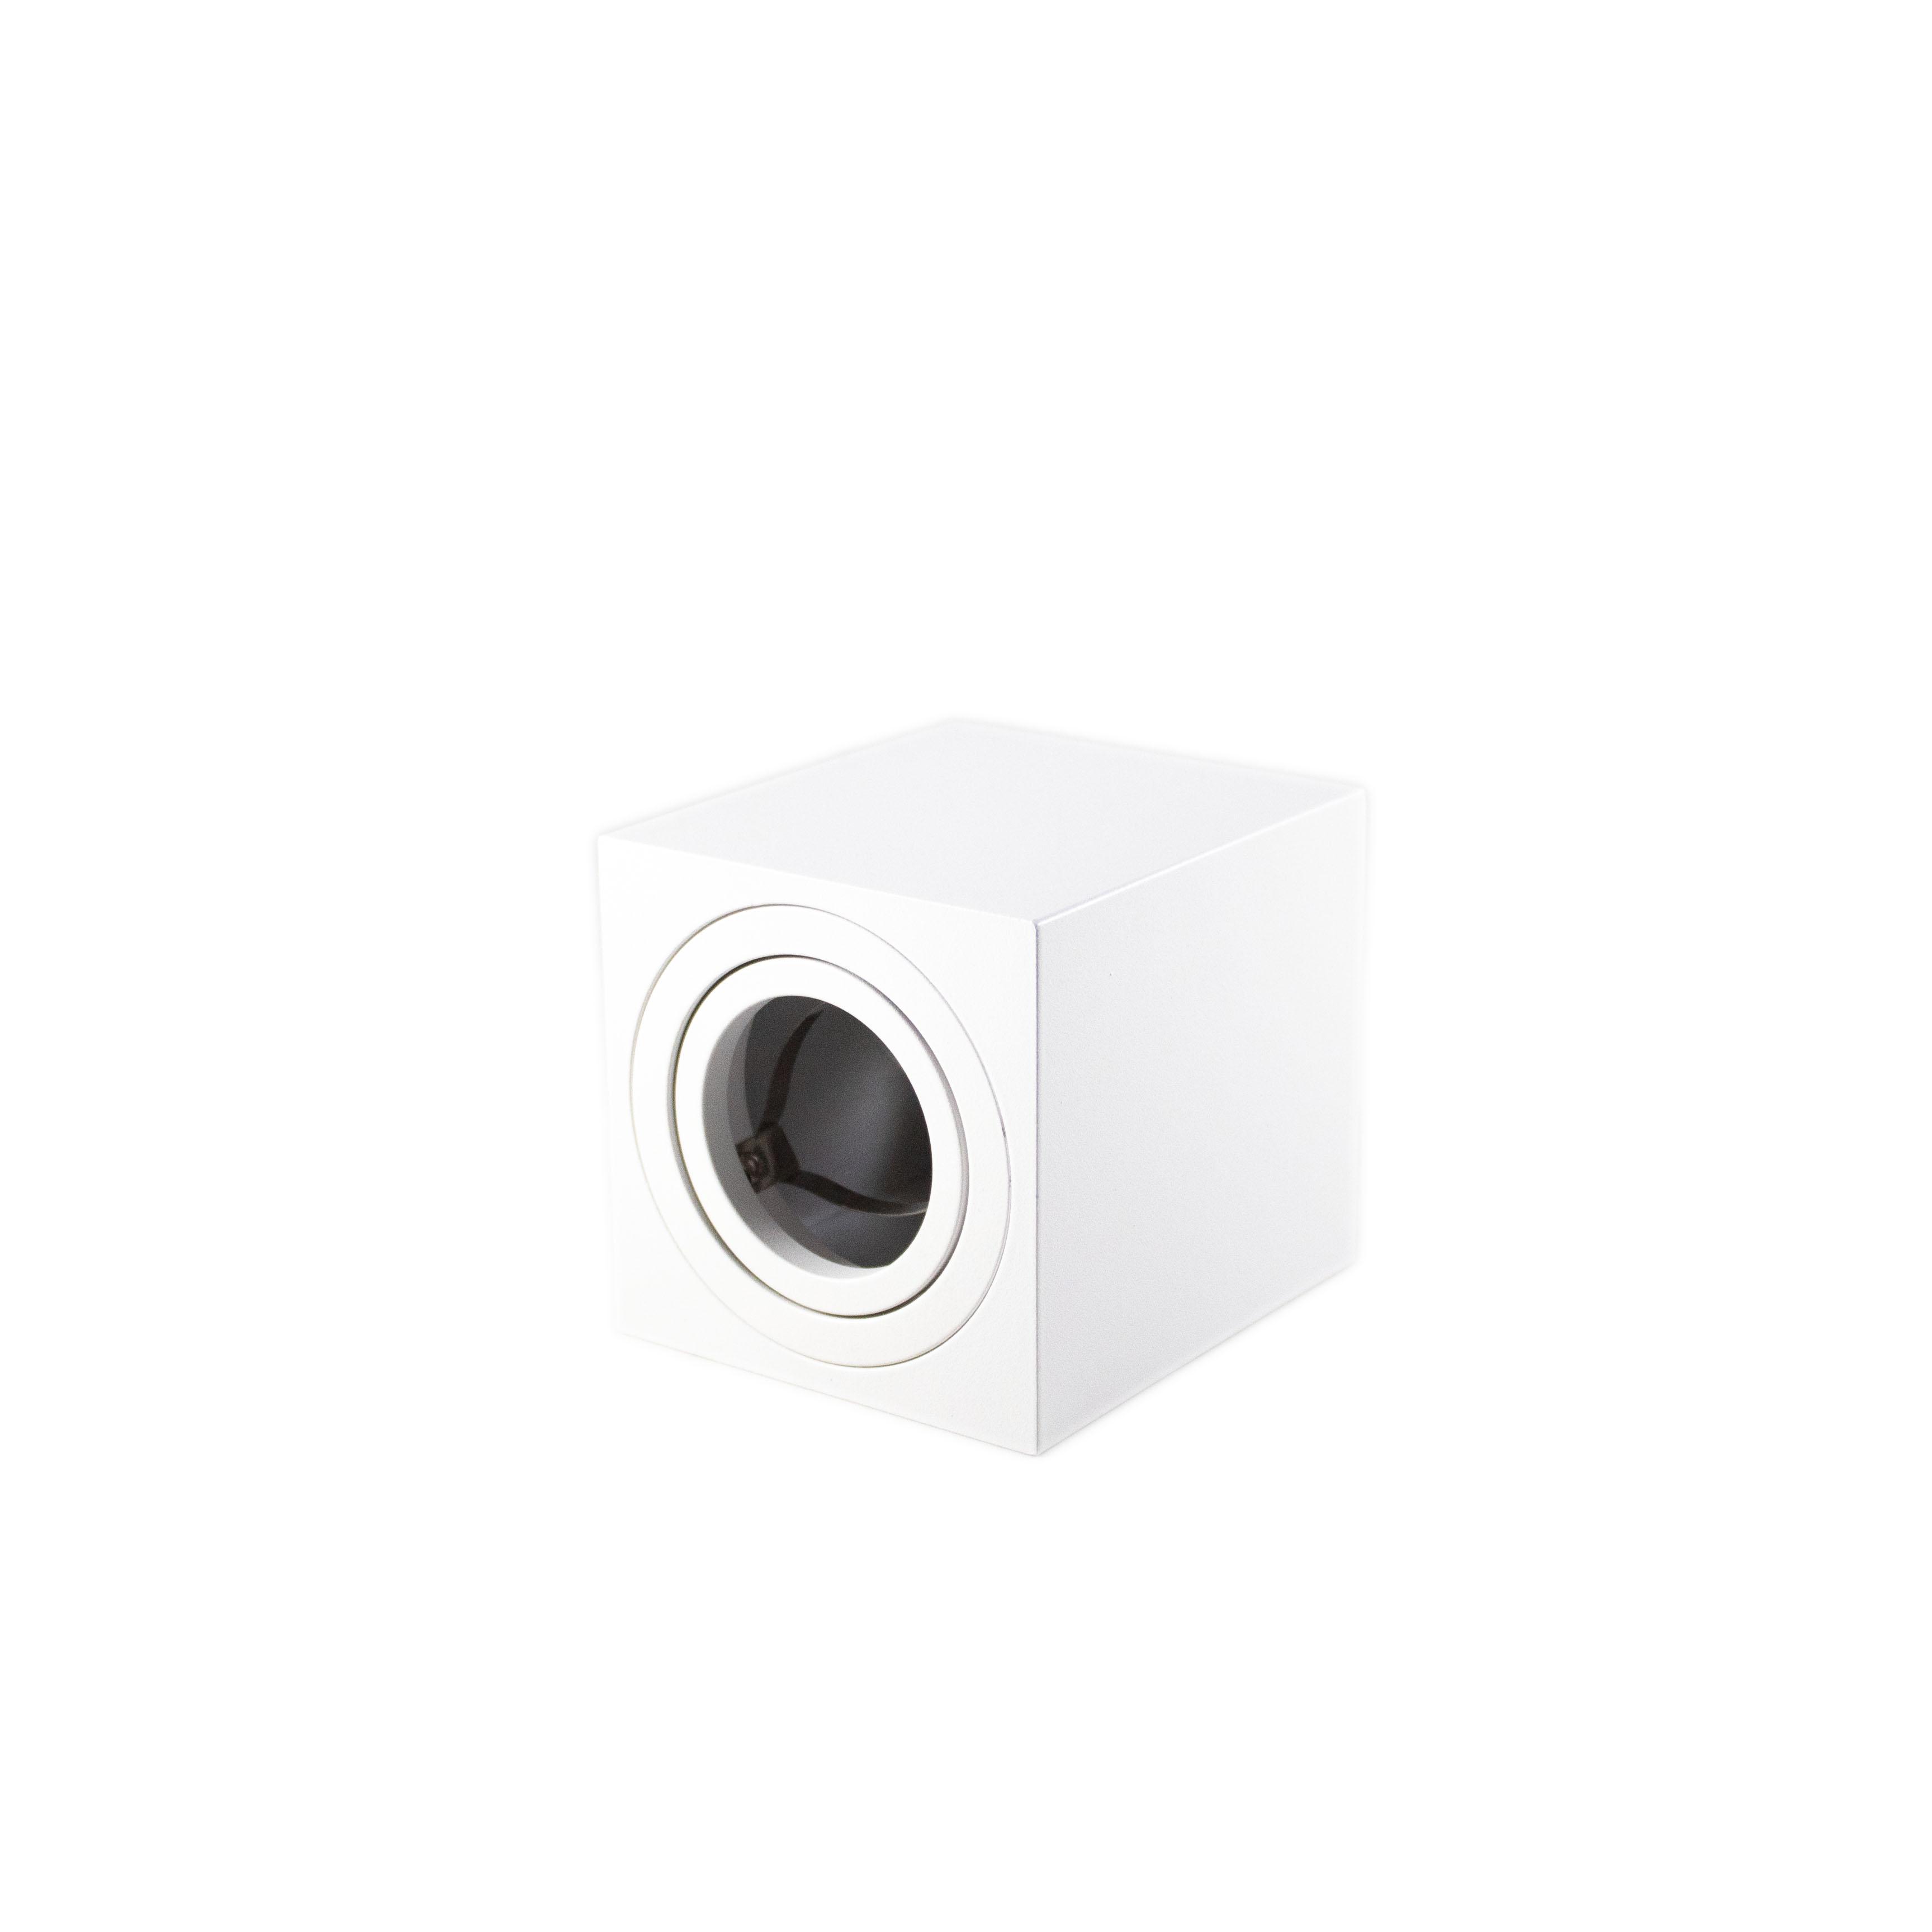 Opbouw spot armatuur wit vierkant kantelbaar GU10 fitting - liggend zonder spot